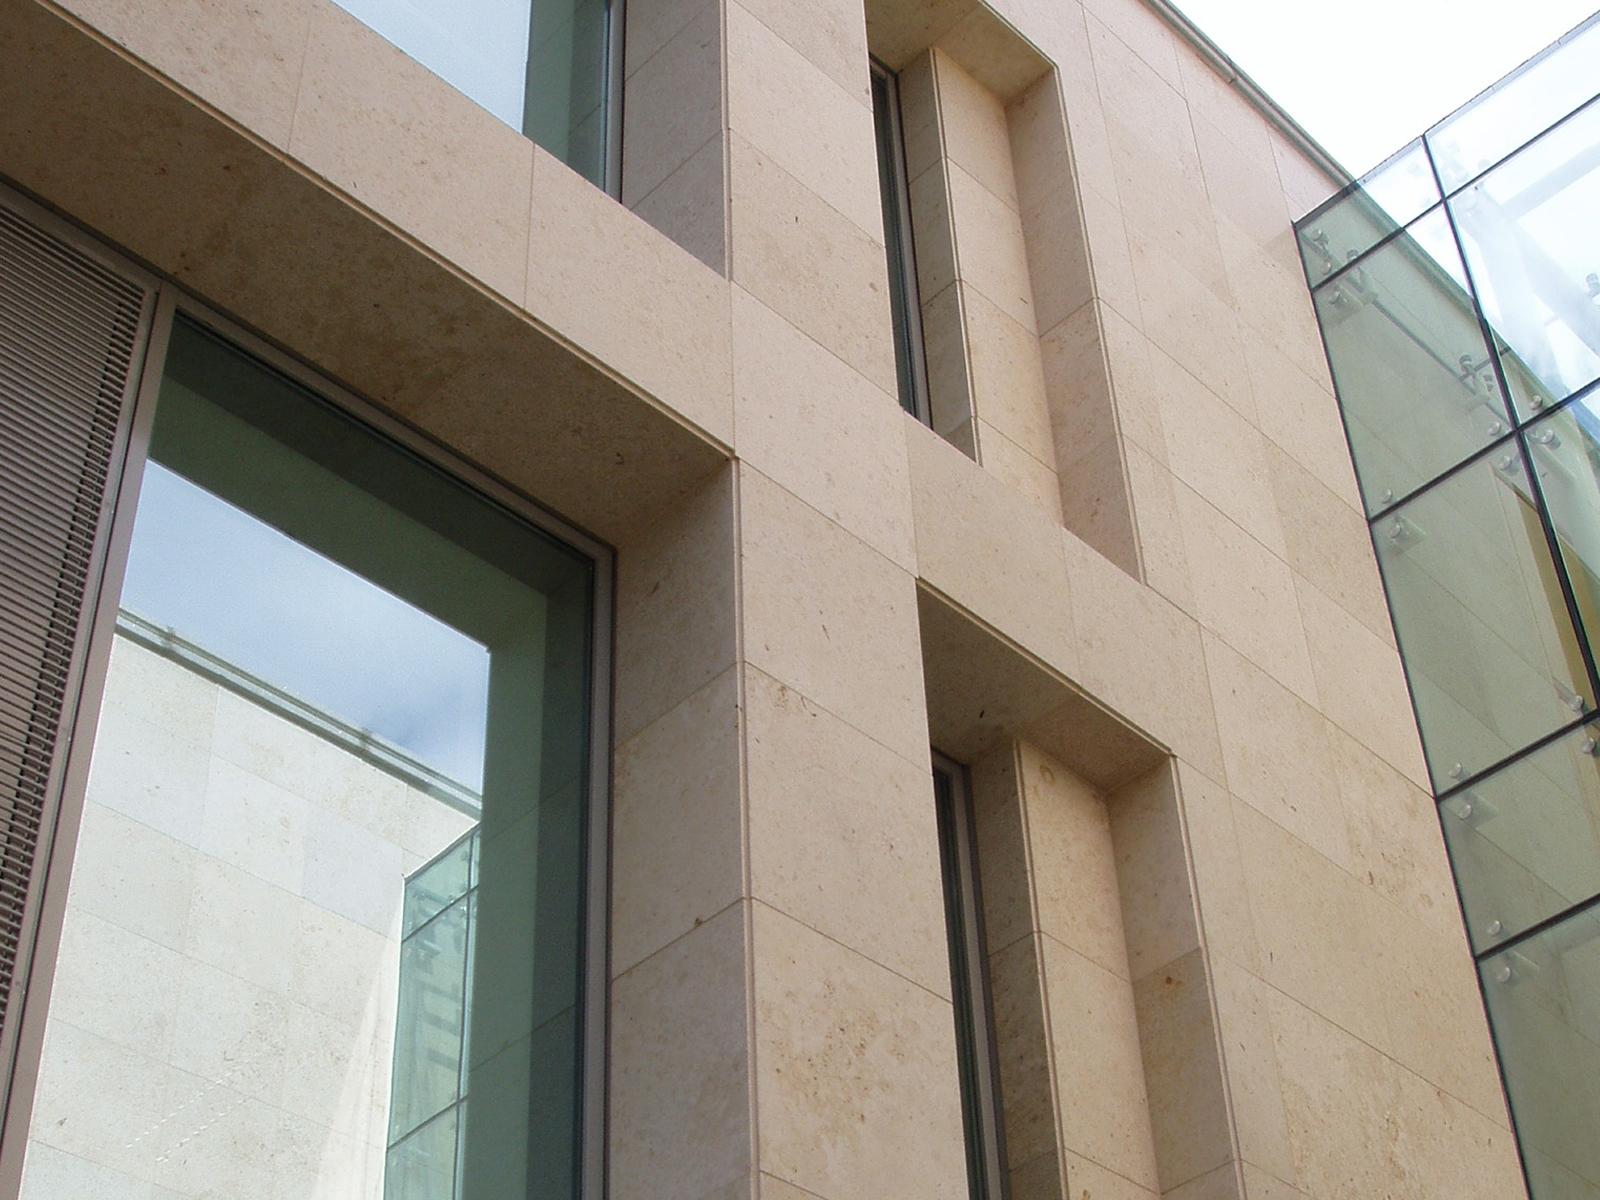 Piedra natural sabbia de solnhofen - Revestimiento de fachada ...